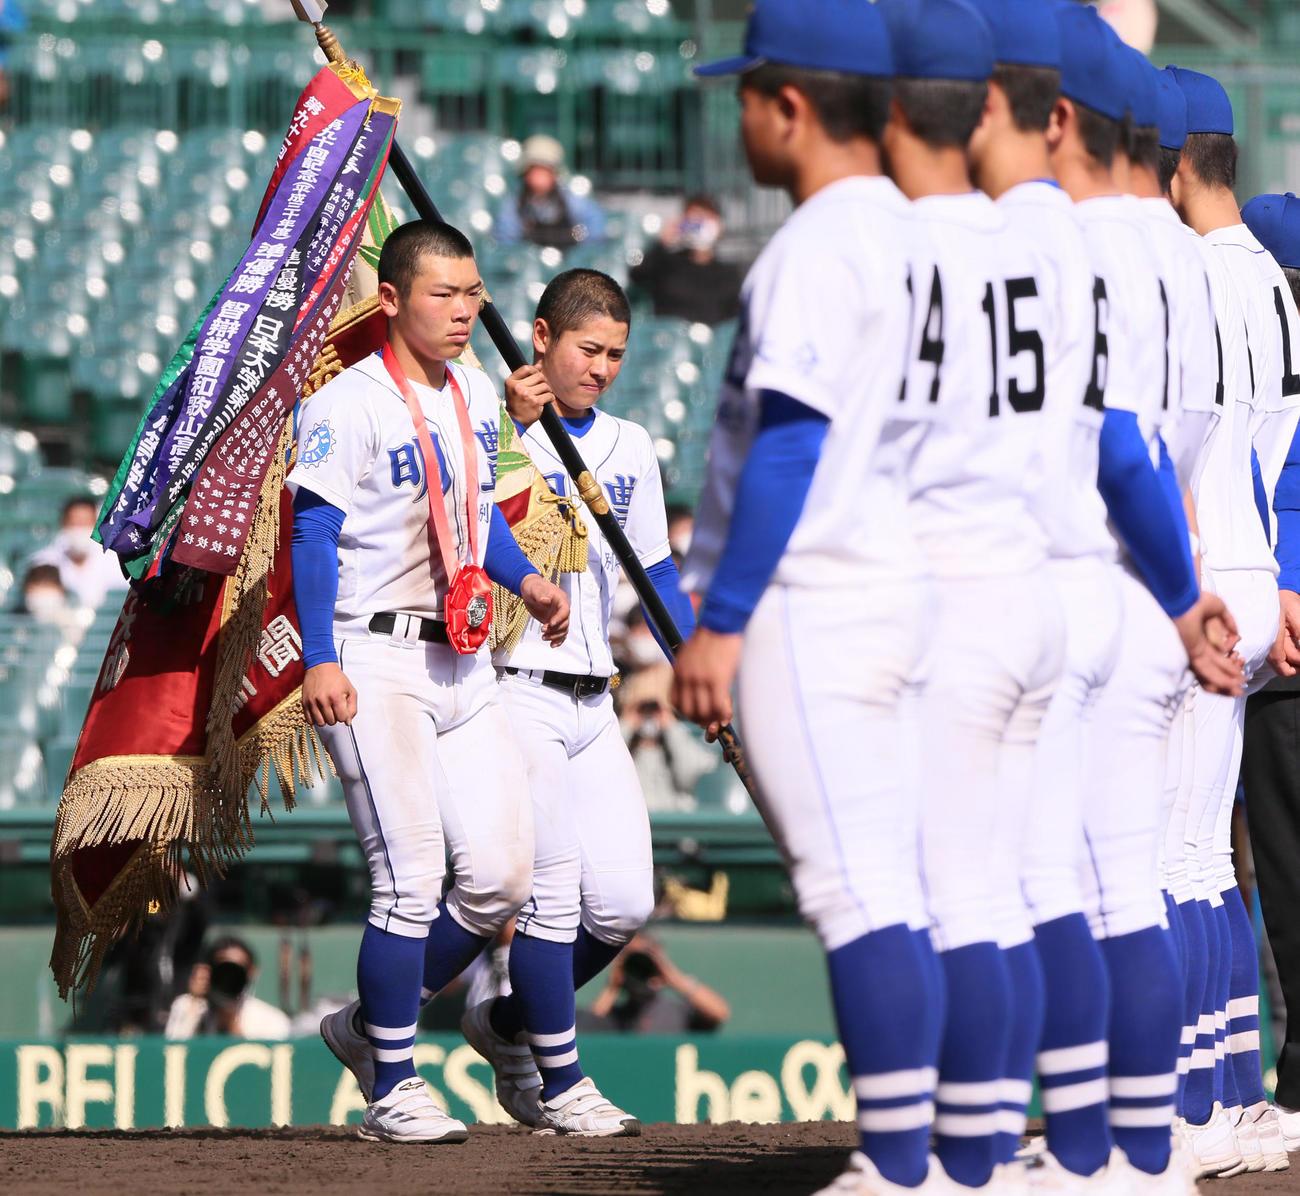 21年4月1日、選抜高校野球の準優勝旗を手にする明豊・幸主将